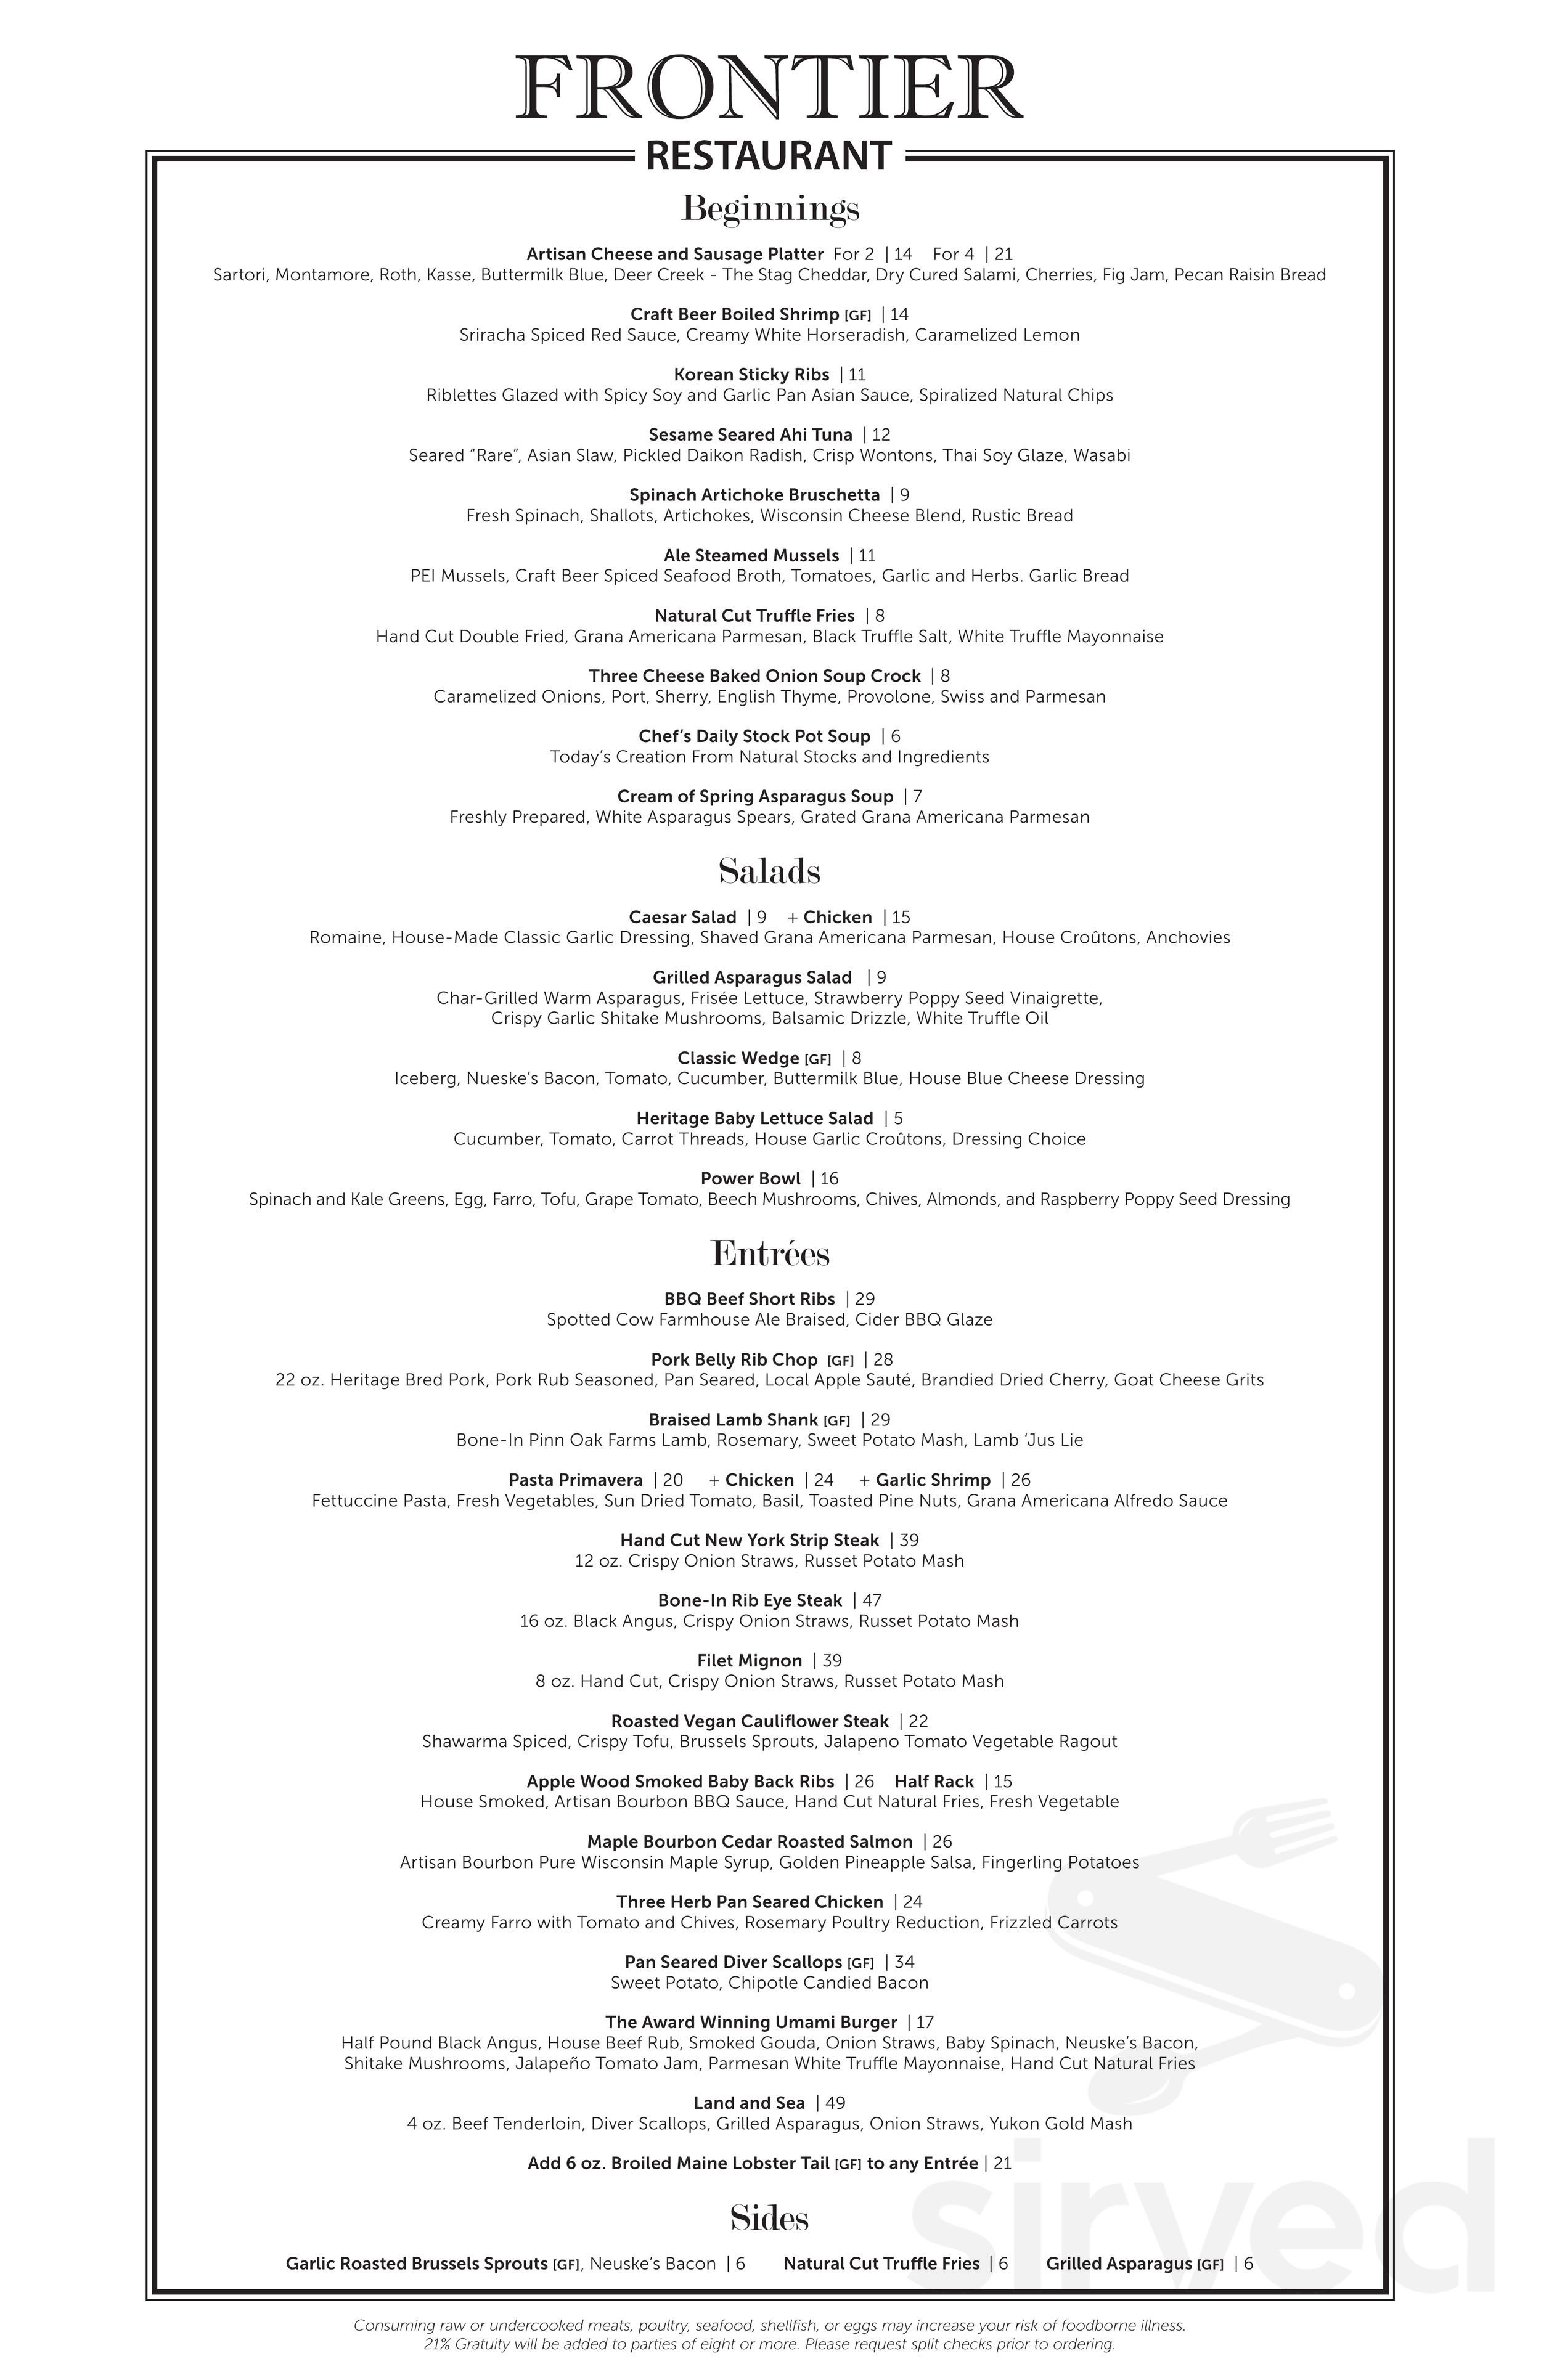 The Frontier Restaurant Menu In Delavan Wisconsin Usa